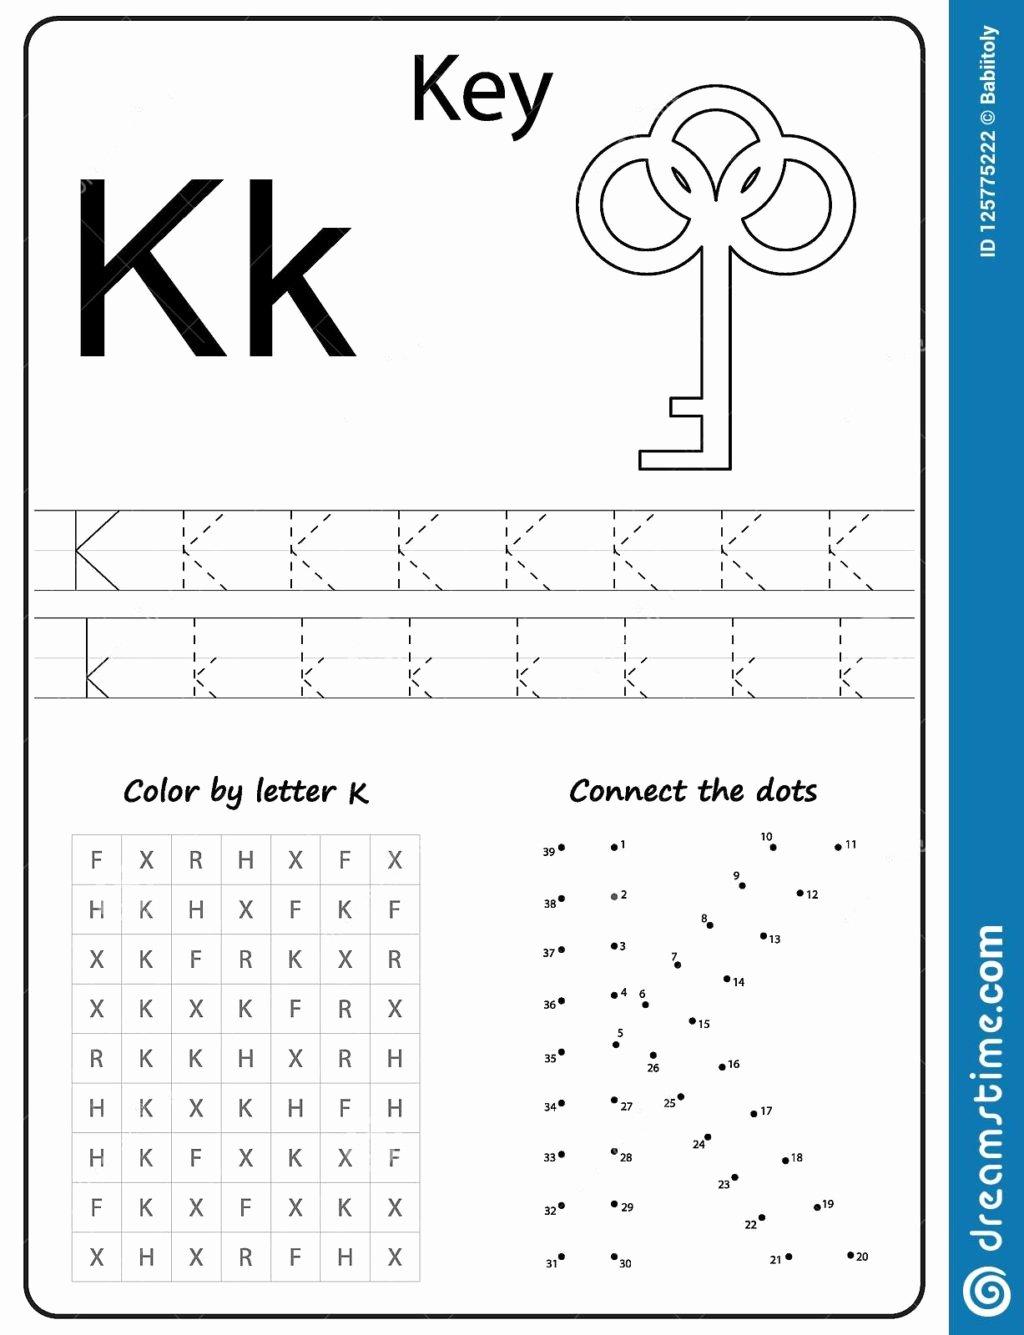 Letter K Worksheets for Preschoolers Inspirational Worksheet Kheets for Preschool Free Printable toddlers